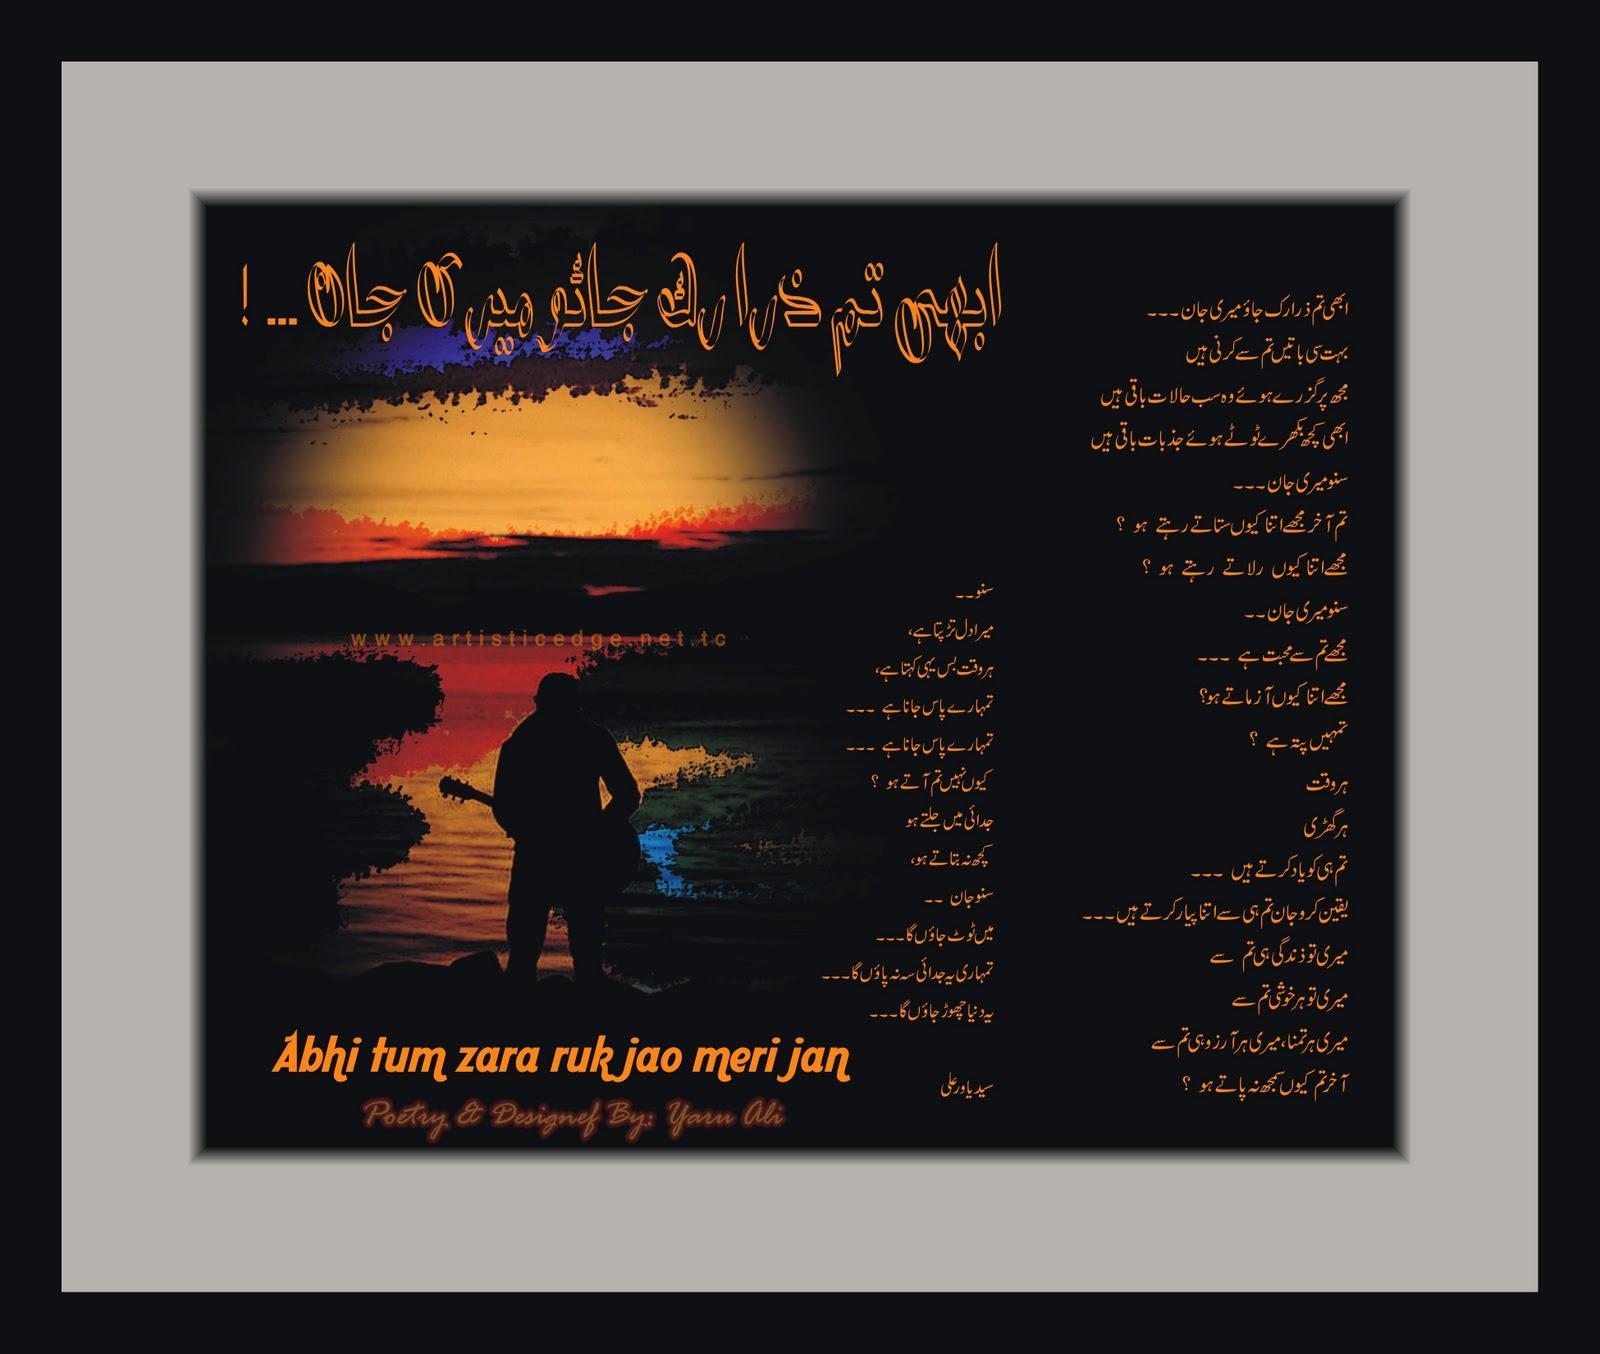 http://1.bp.blogspot.com/-2UiB_Qlvy0U/TtSDKwPlFyI/AAAAAAAAAYU/-uNlKuhGSgQ/s1600/Urdu+Poetry+Wallpapers.jpg